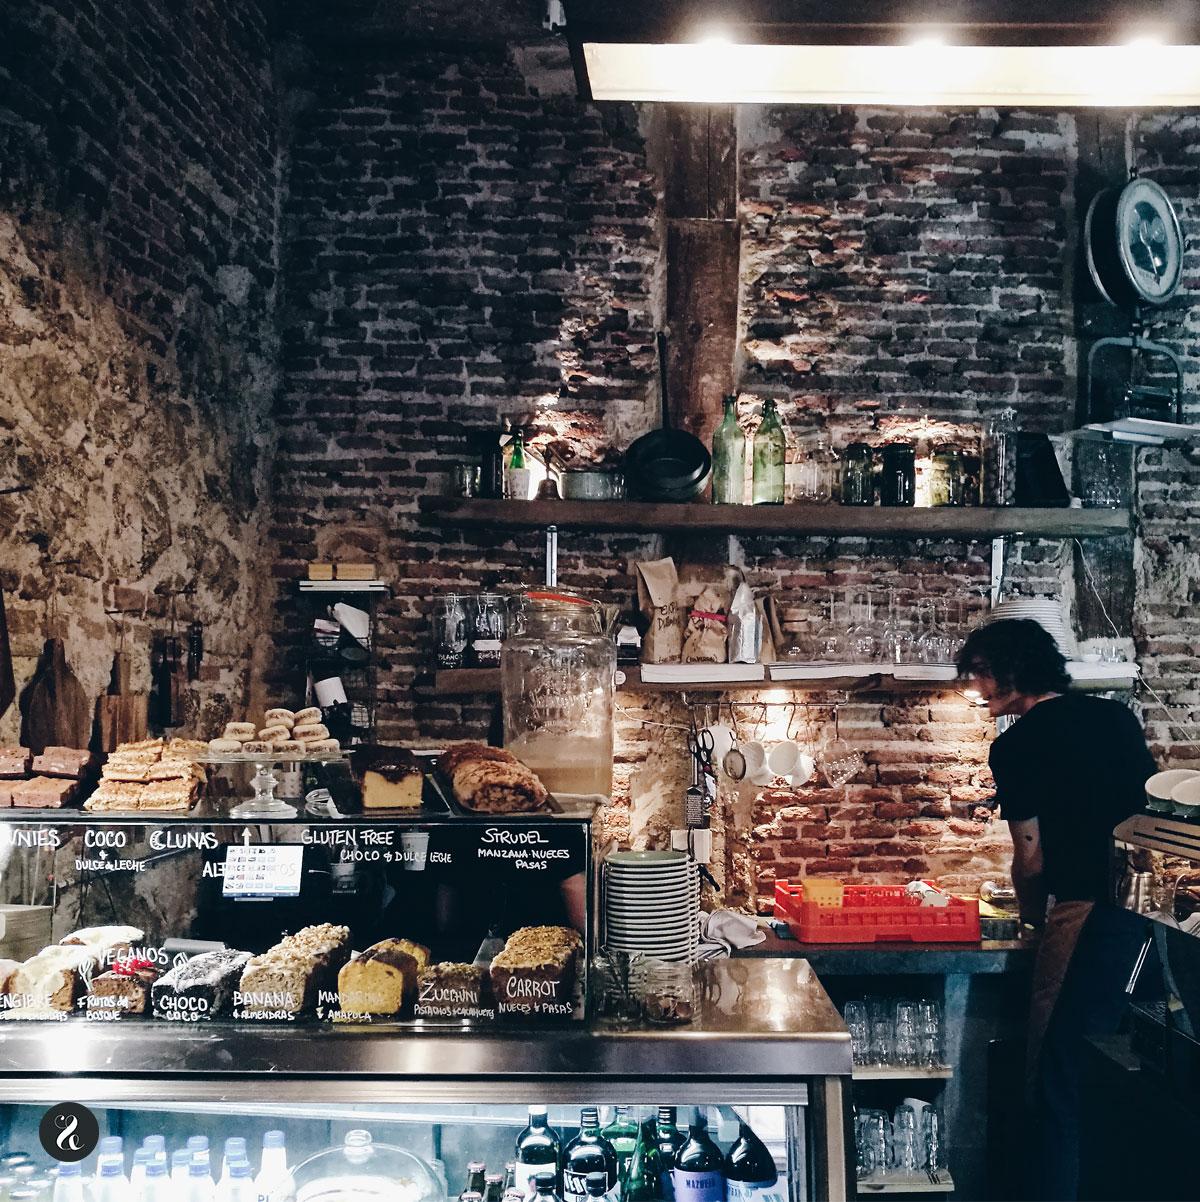 Además de su delicioso café, Pum Pum también tiene brunch eco 'homemade' / Foto: Bea Jarauta